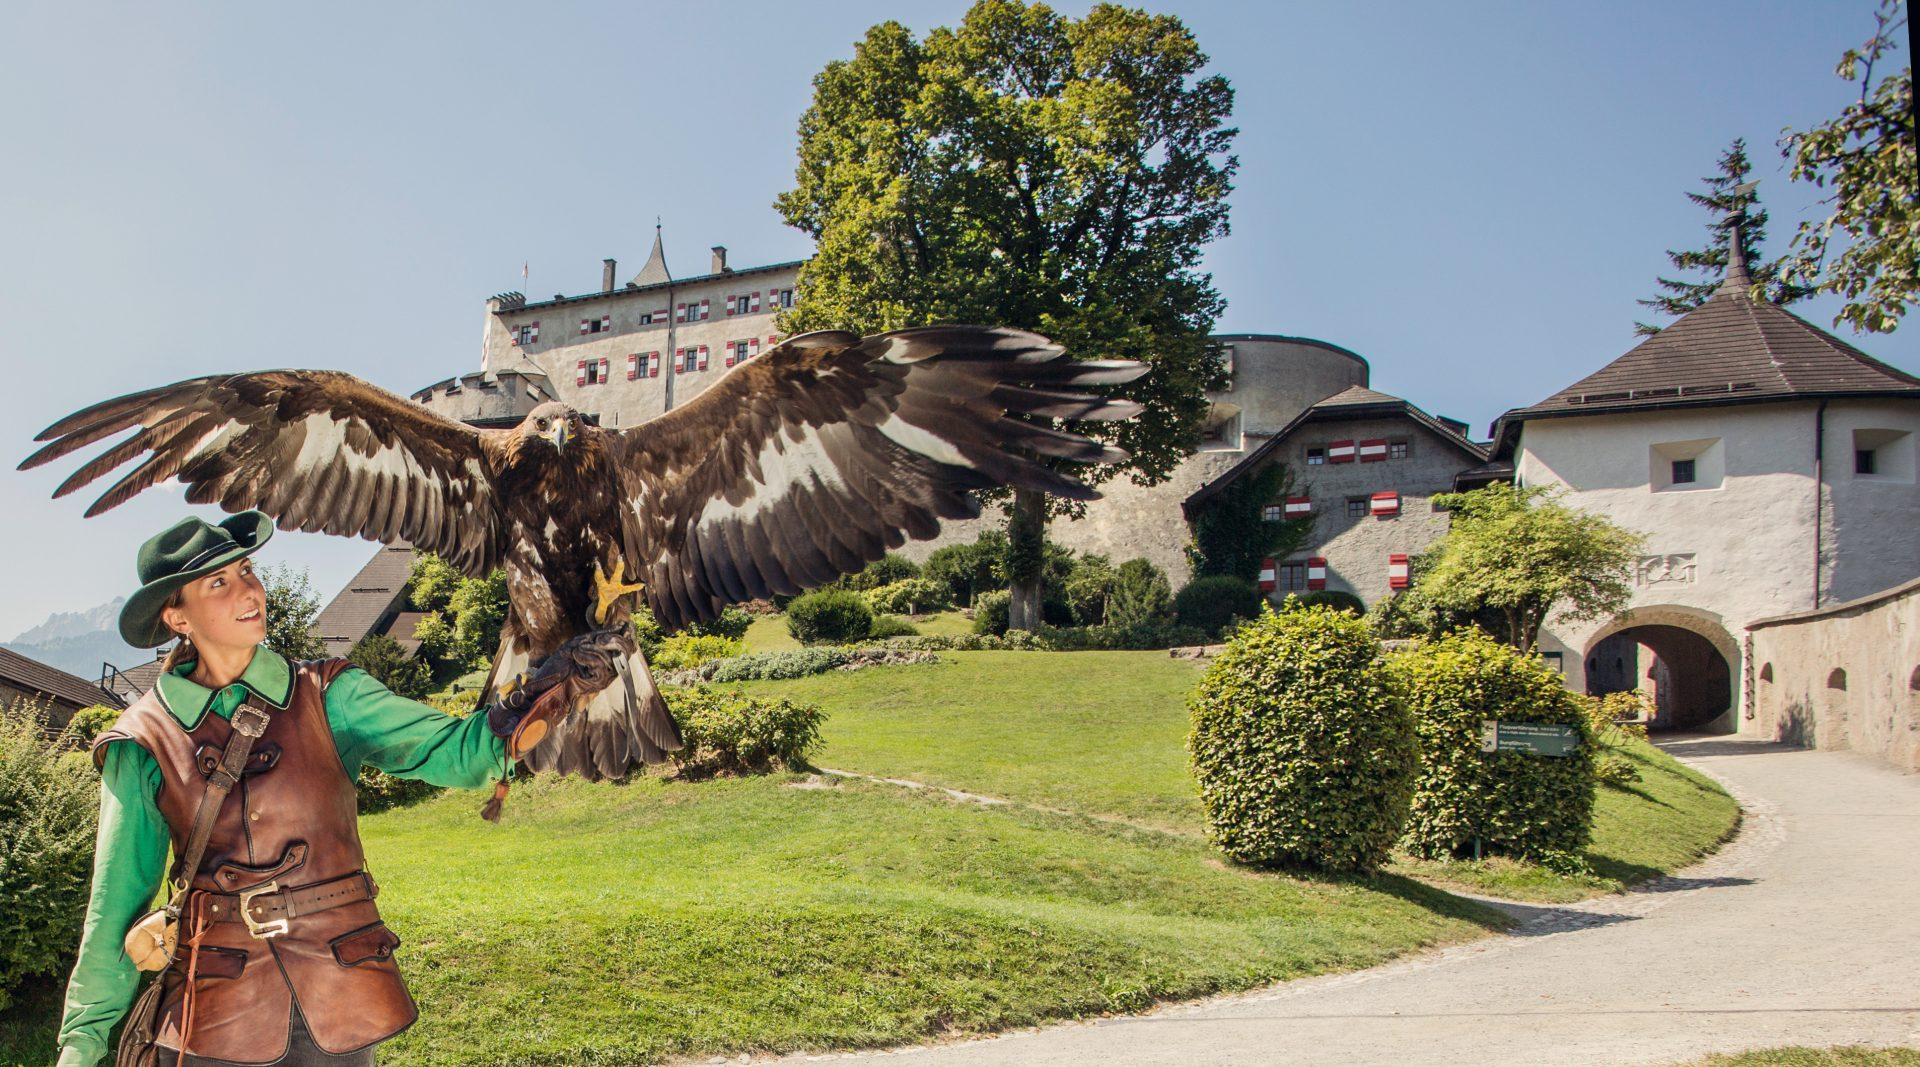 © SalzburgerLand Tourismus, Eva trifft., Burg Hohenwerfen Greifvogelschau